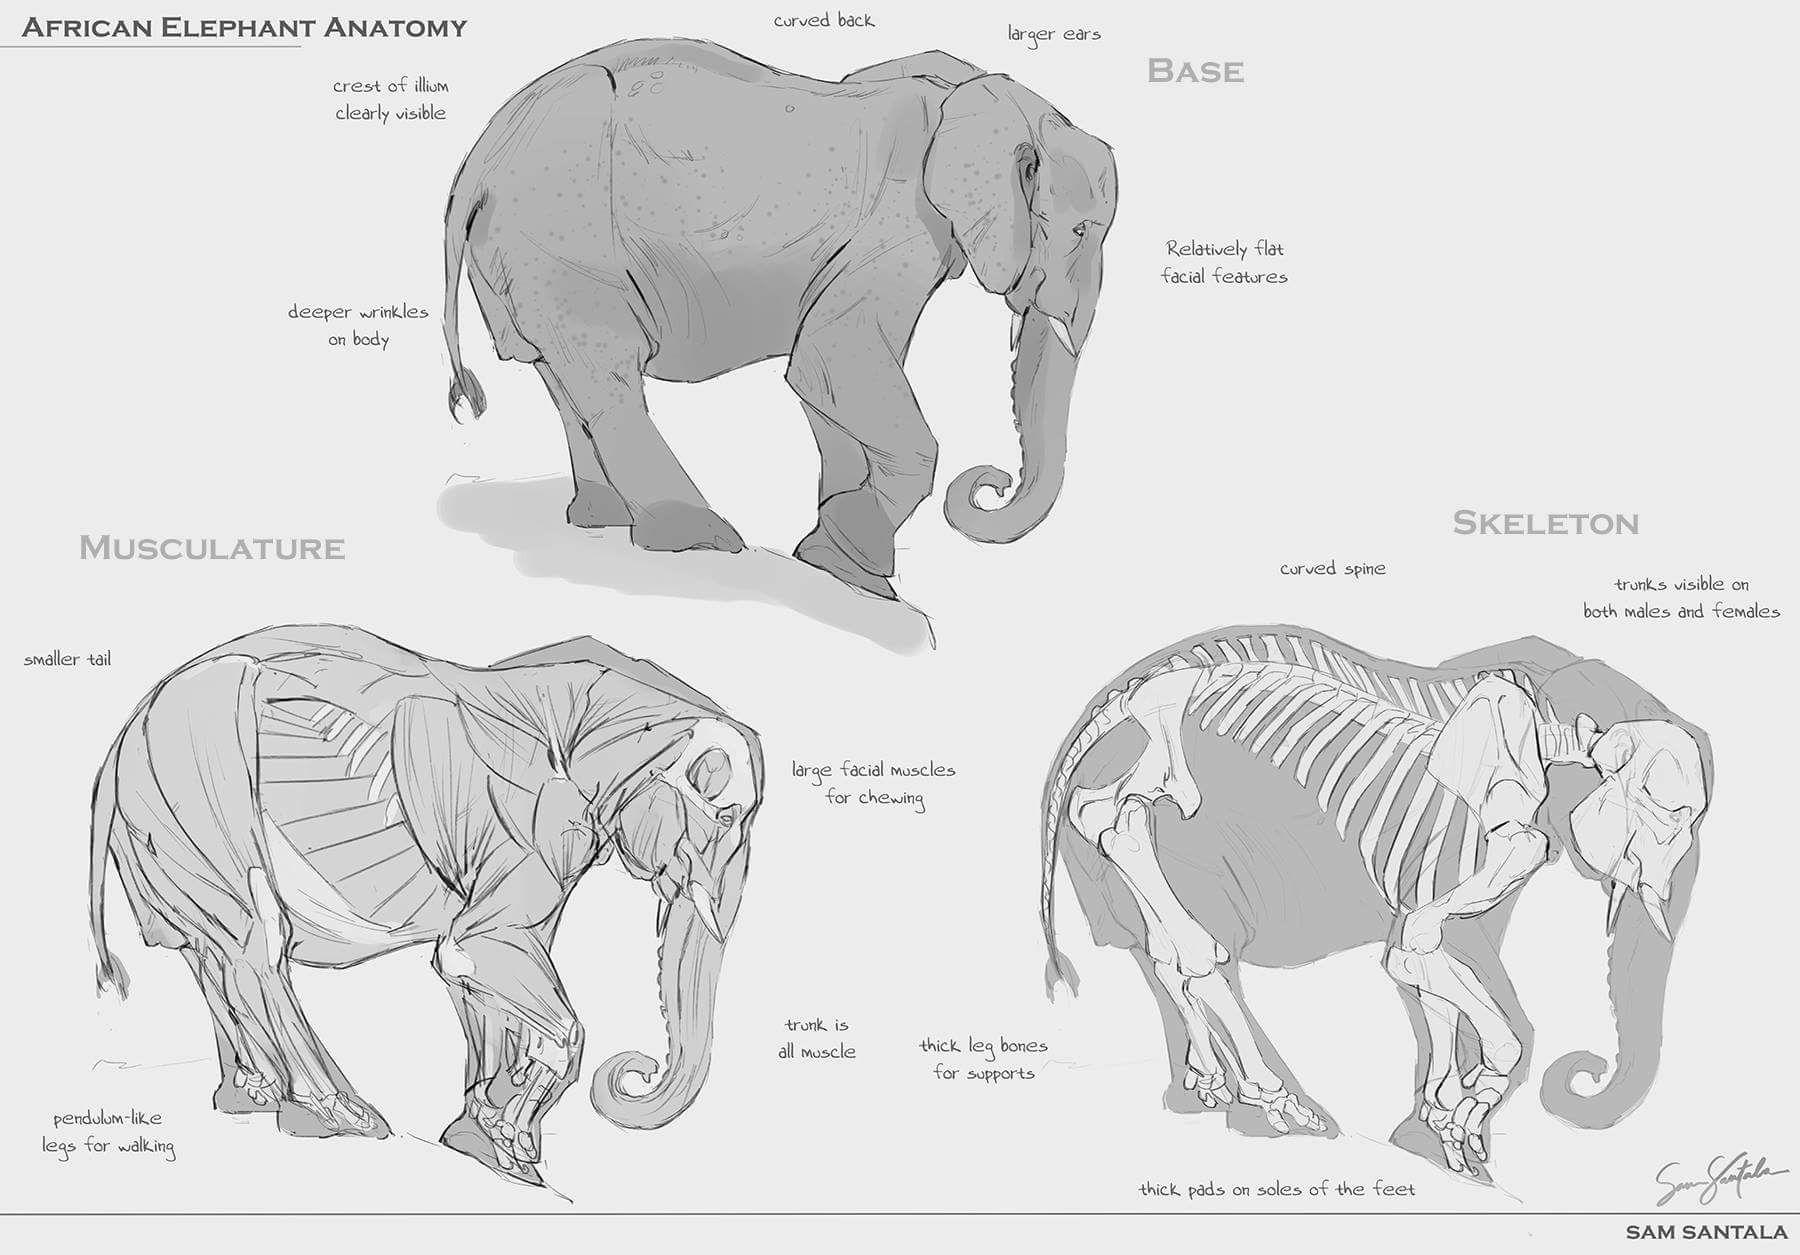 Pin de Arlete Martin en Elefante | Pinterest | Elefantes y Anatomía